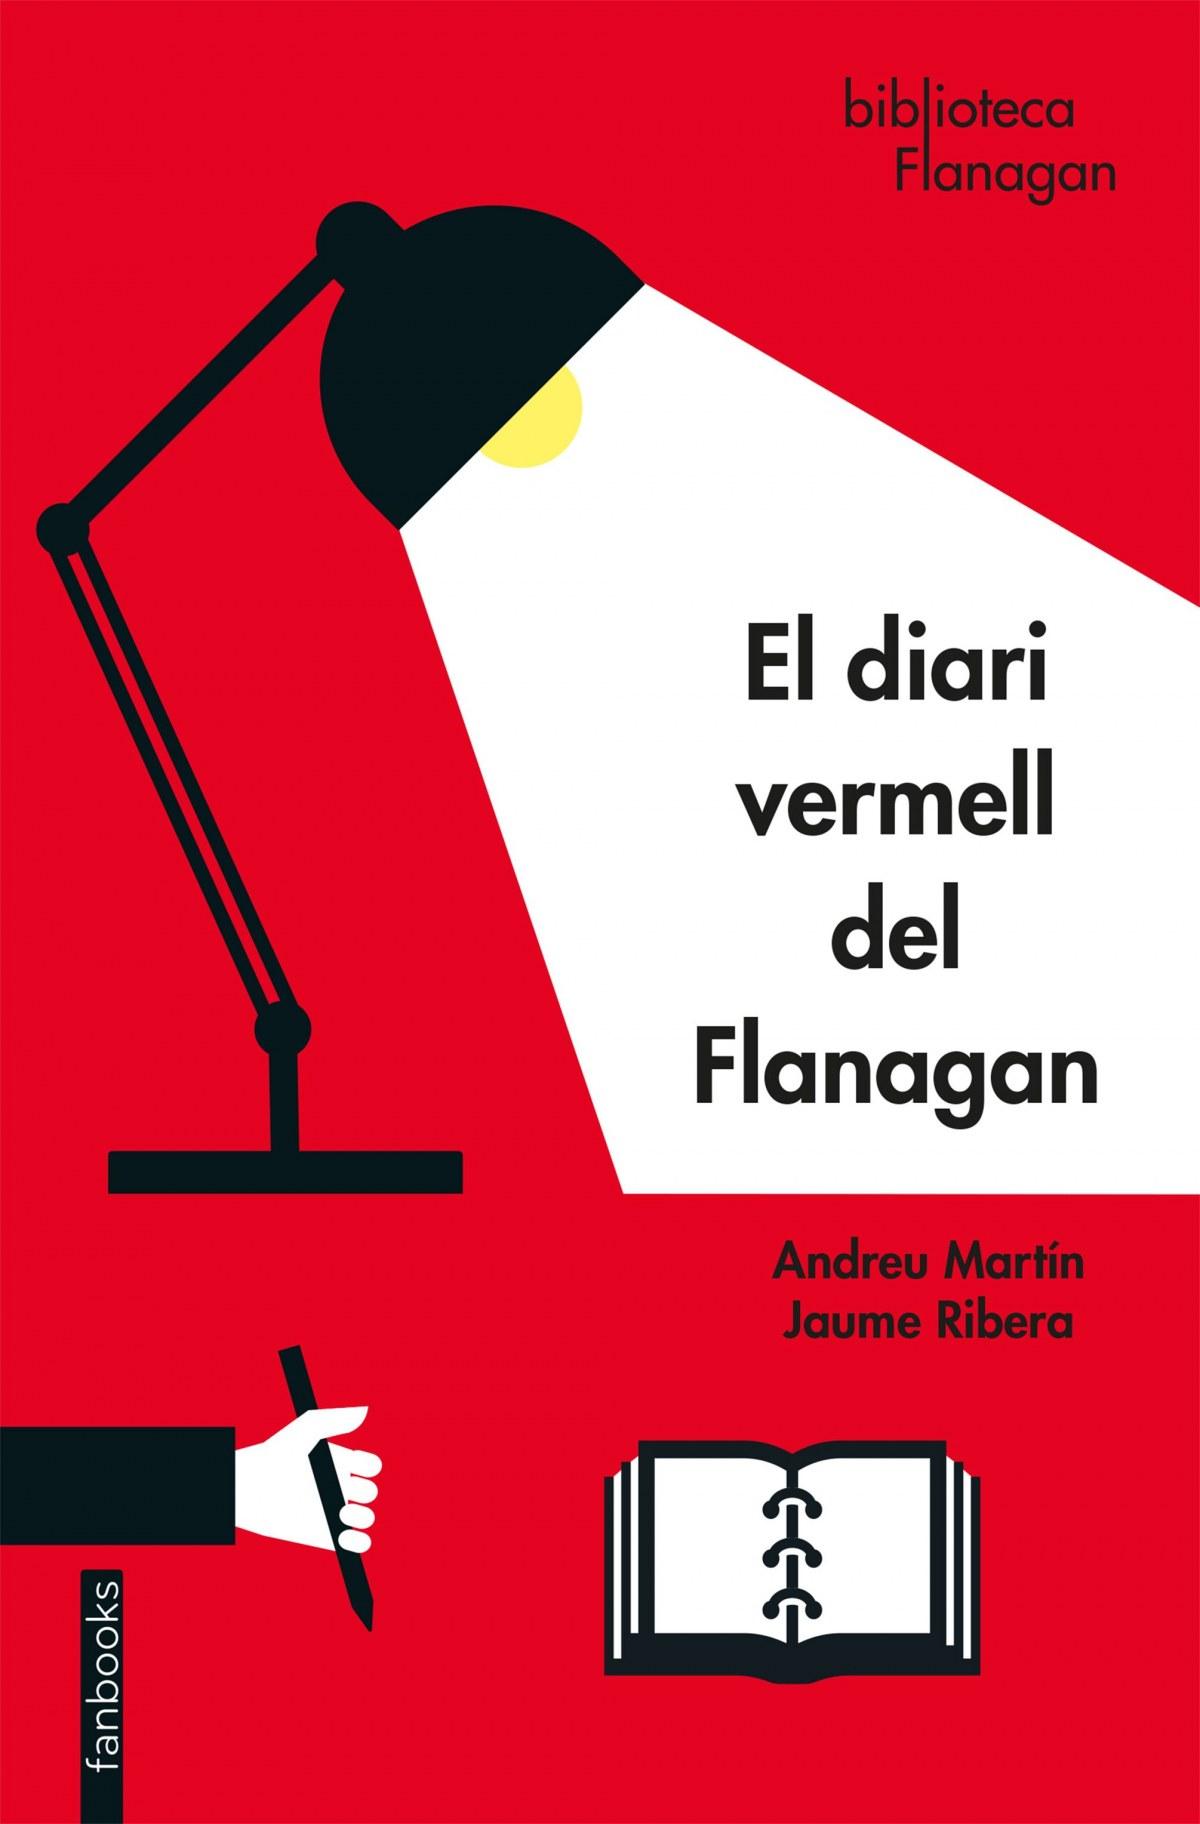 El diari vermell del Flanagan